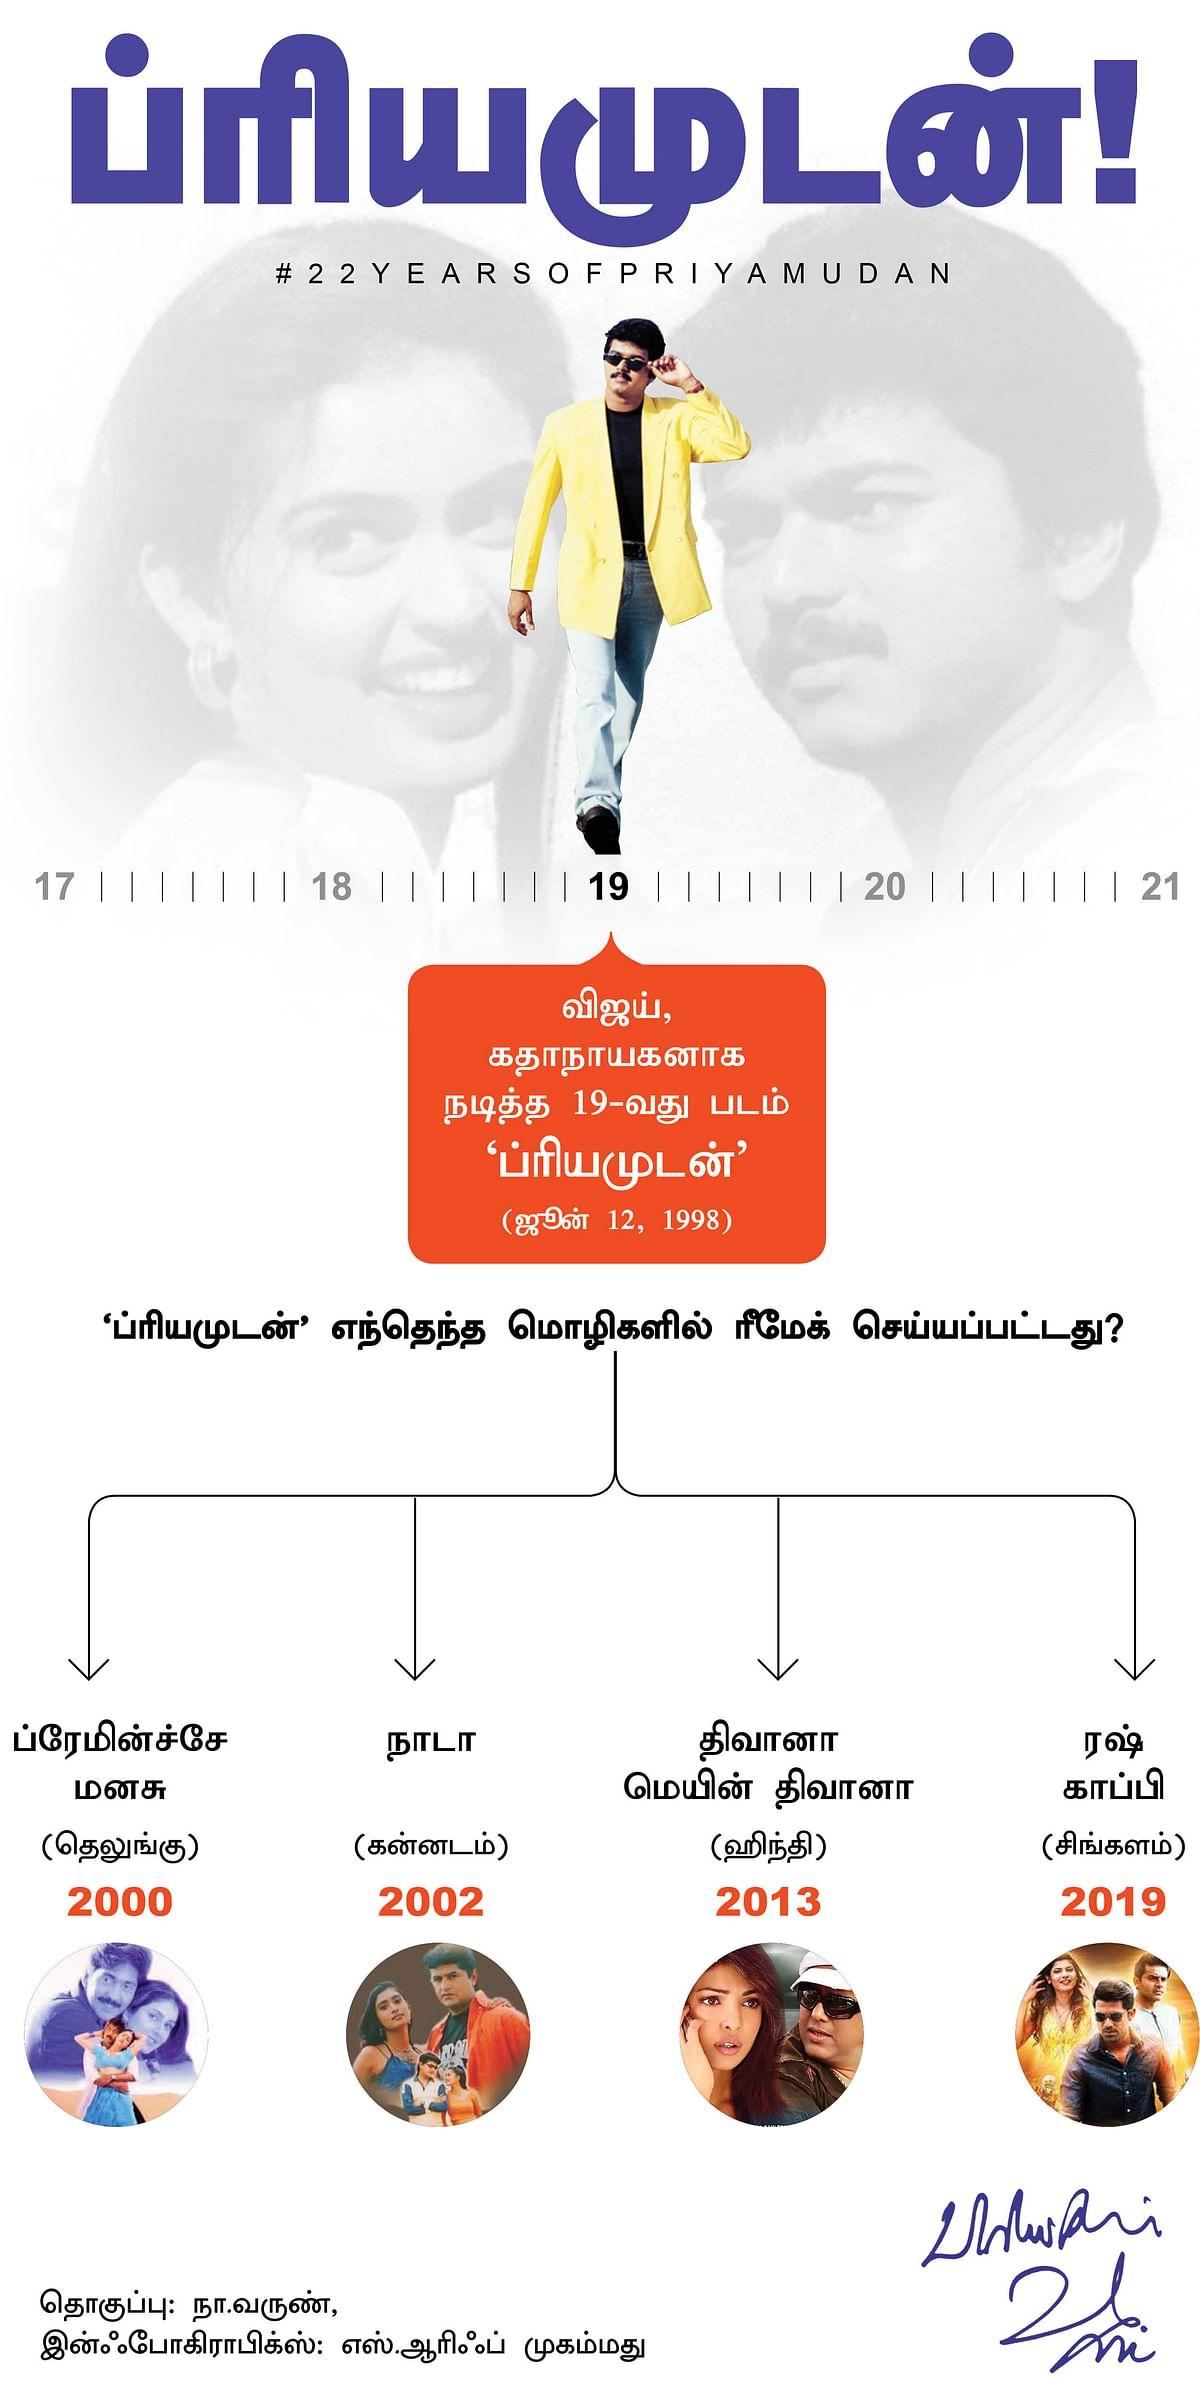 Priyamudan Vijay